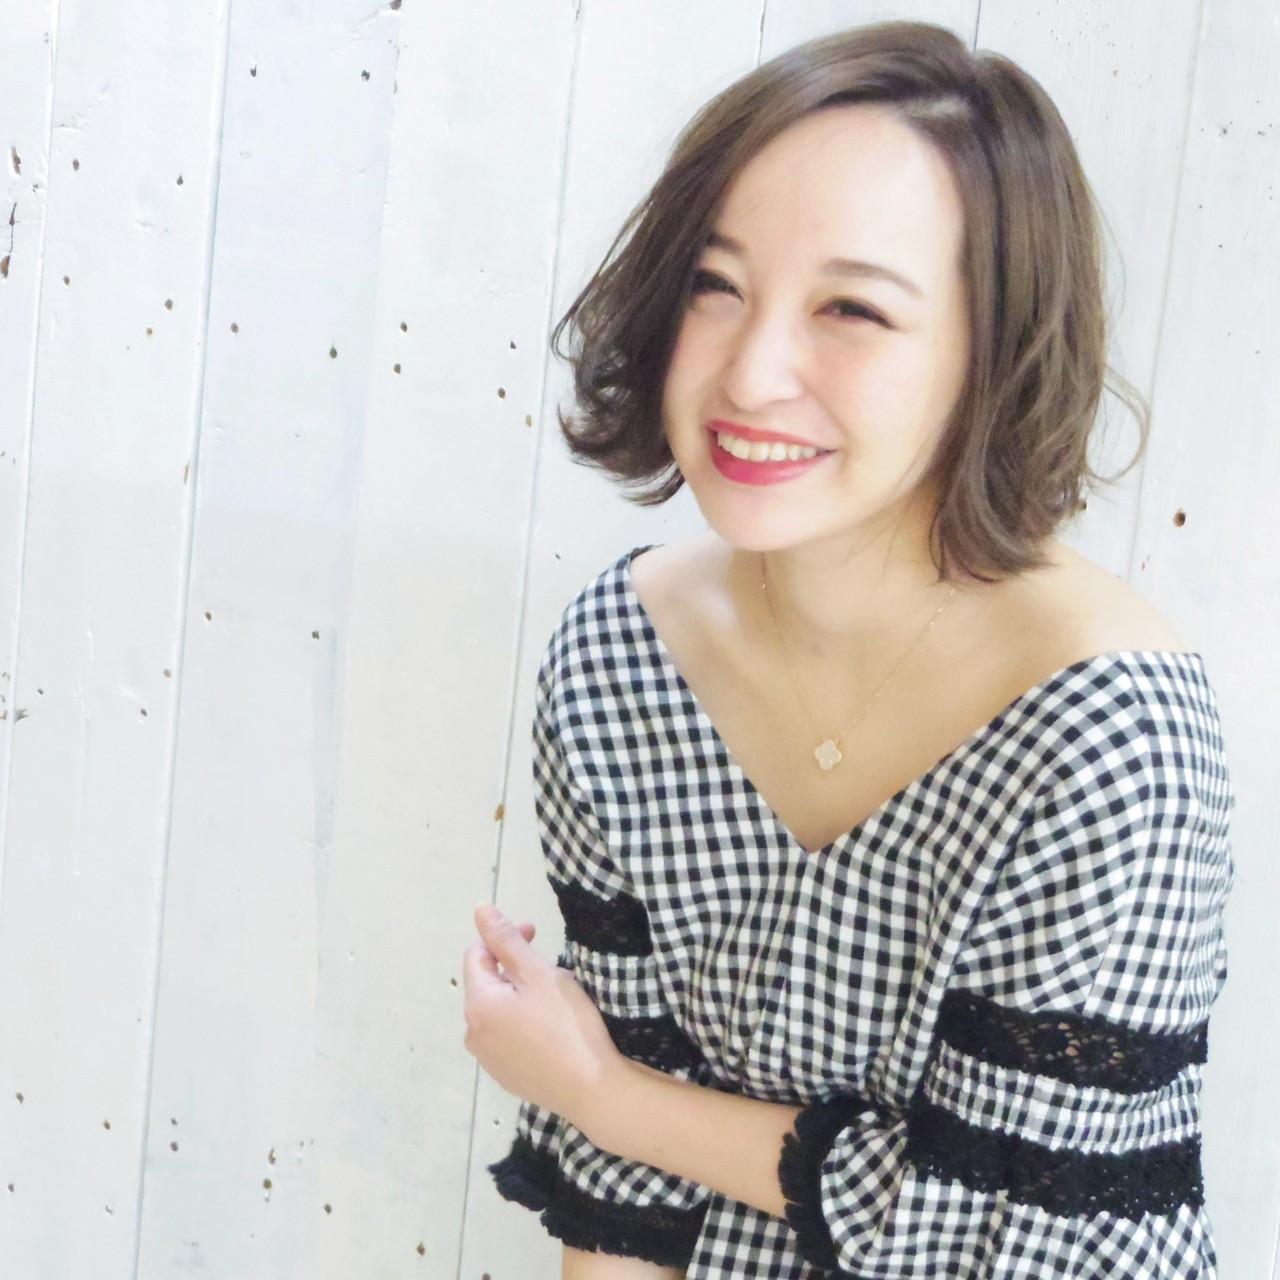 パーマ 前髪なし 透明感 フェミニン ヘアスタイルや髪型の写真・画像